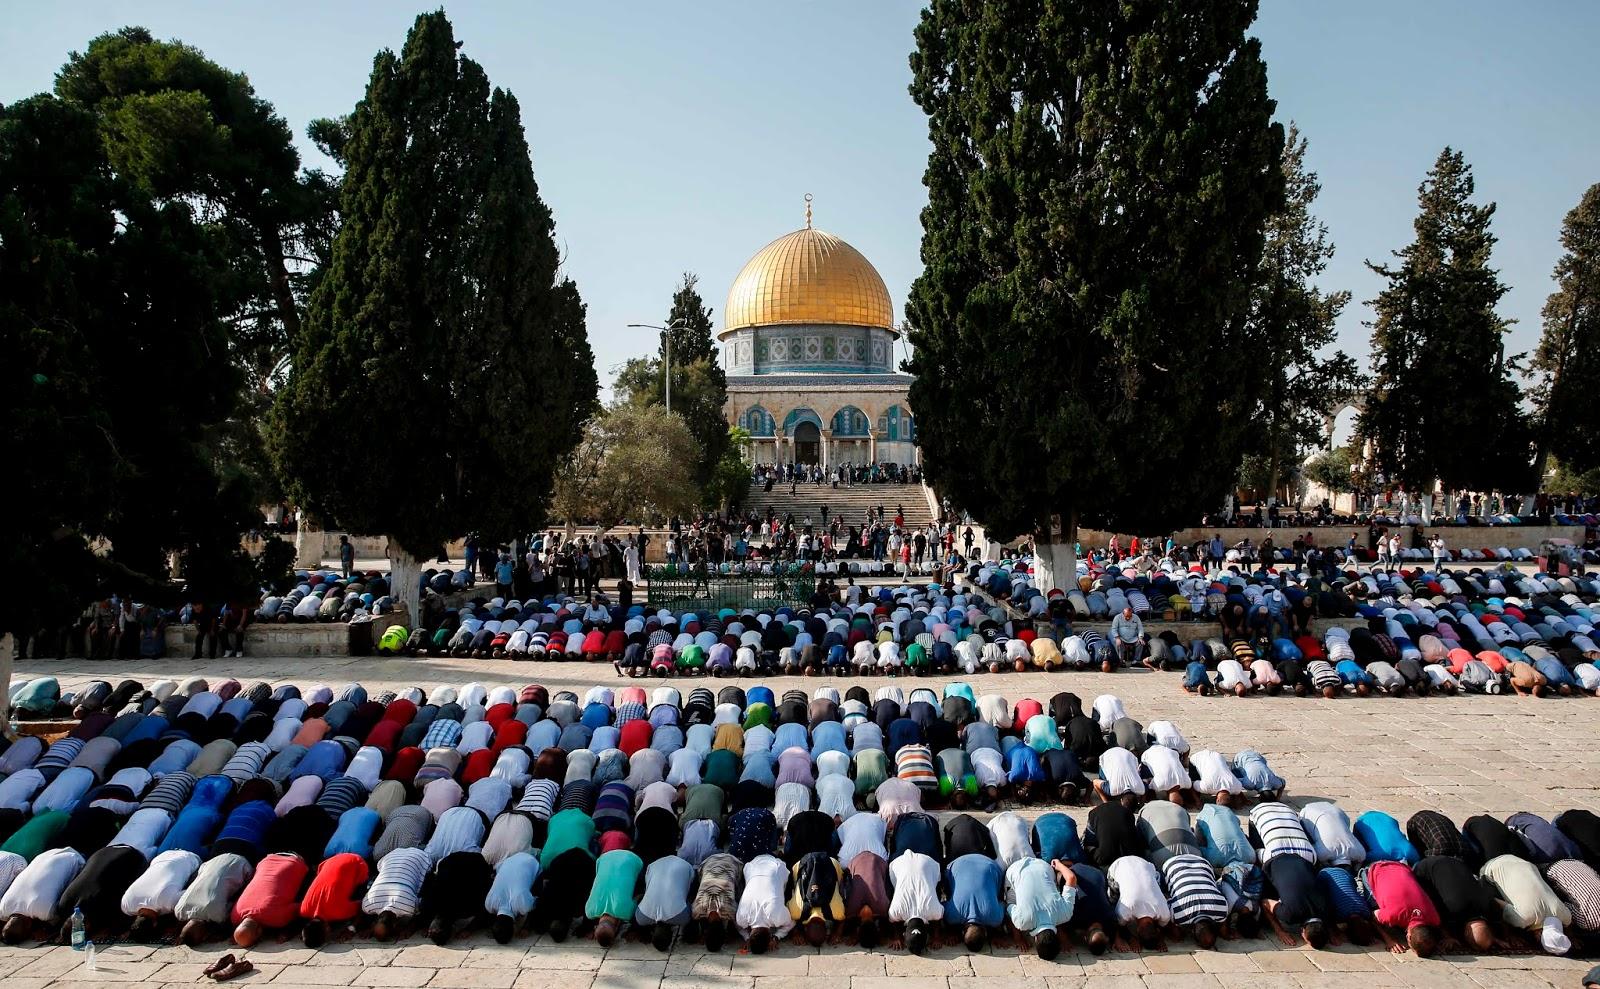 Corona Berjangkit, Masjid Al-Aqsa Ditutup untuk Umum